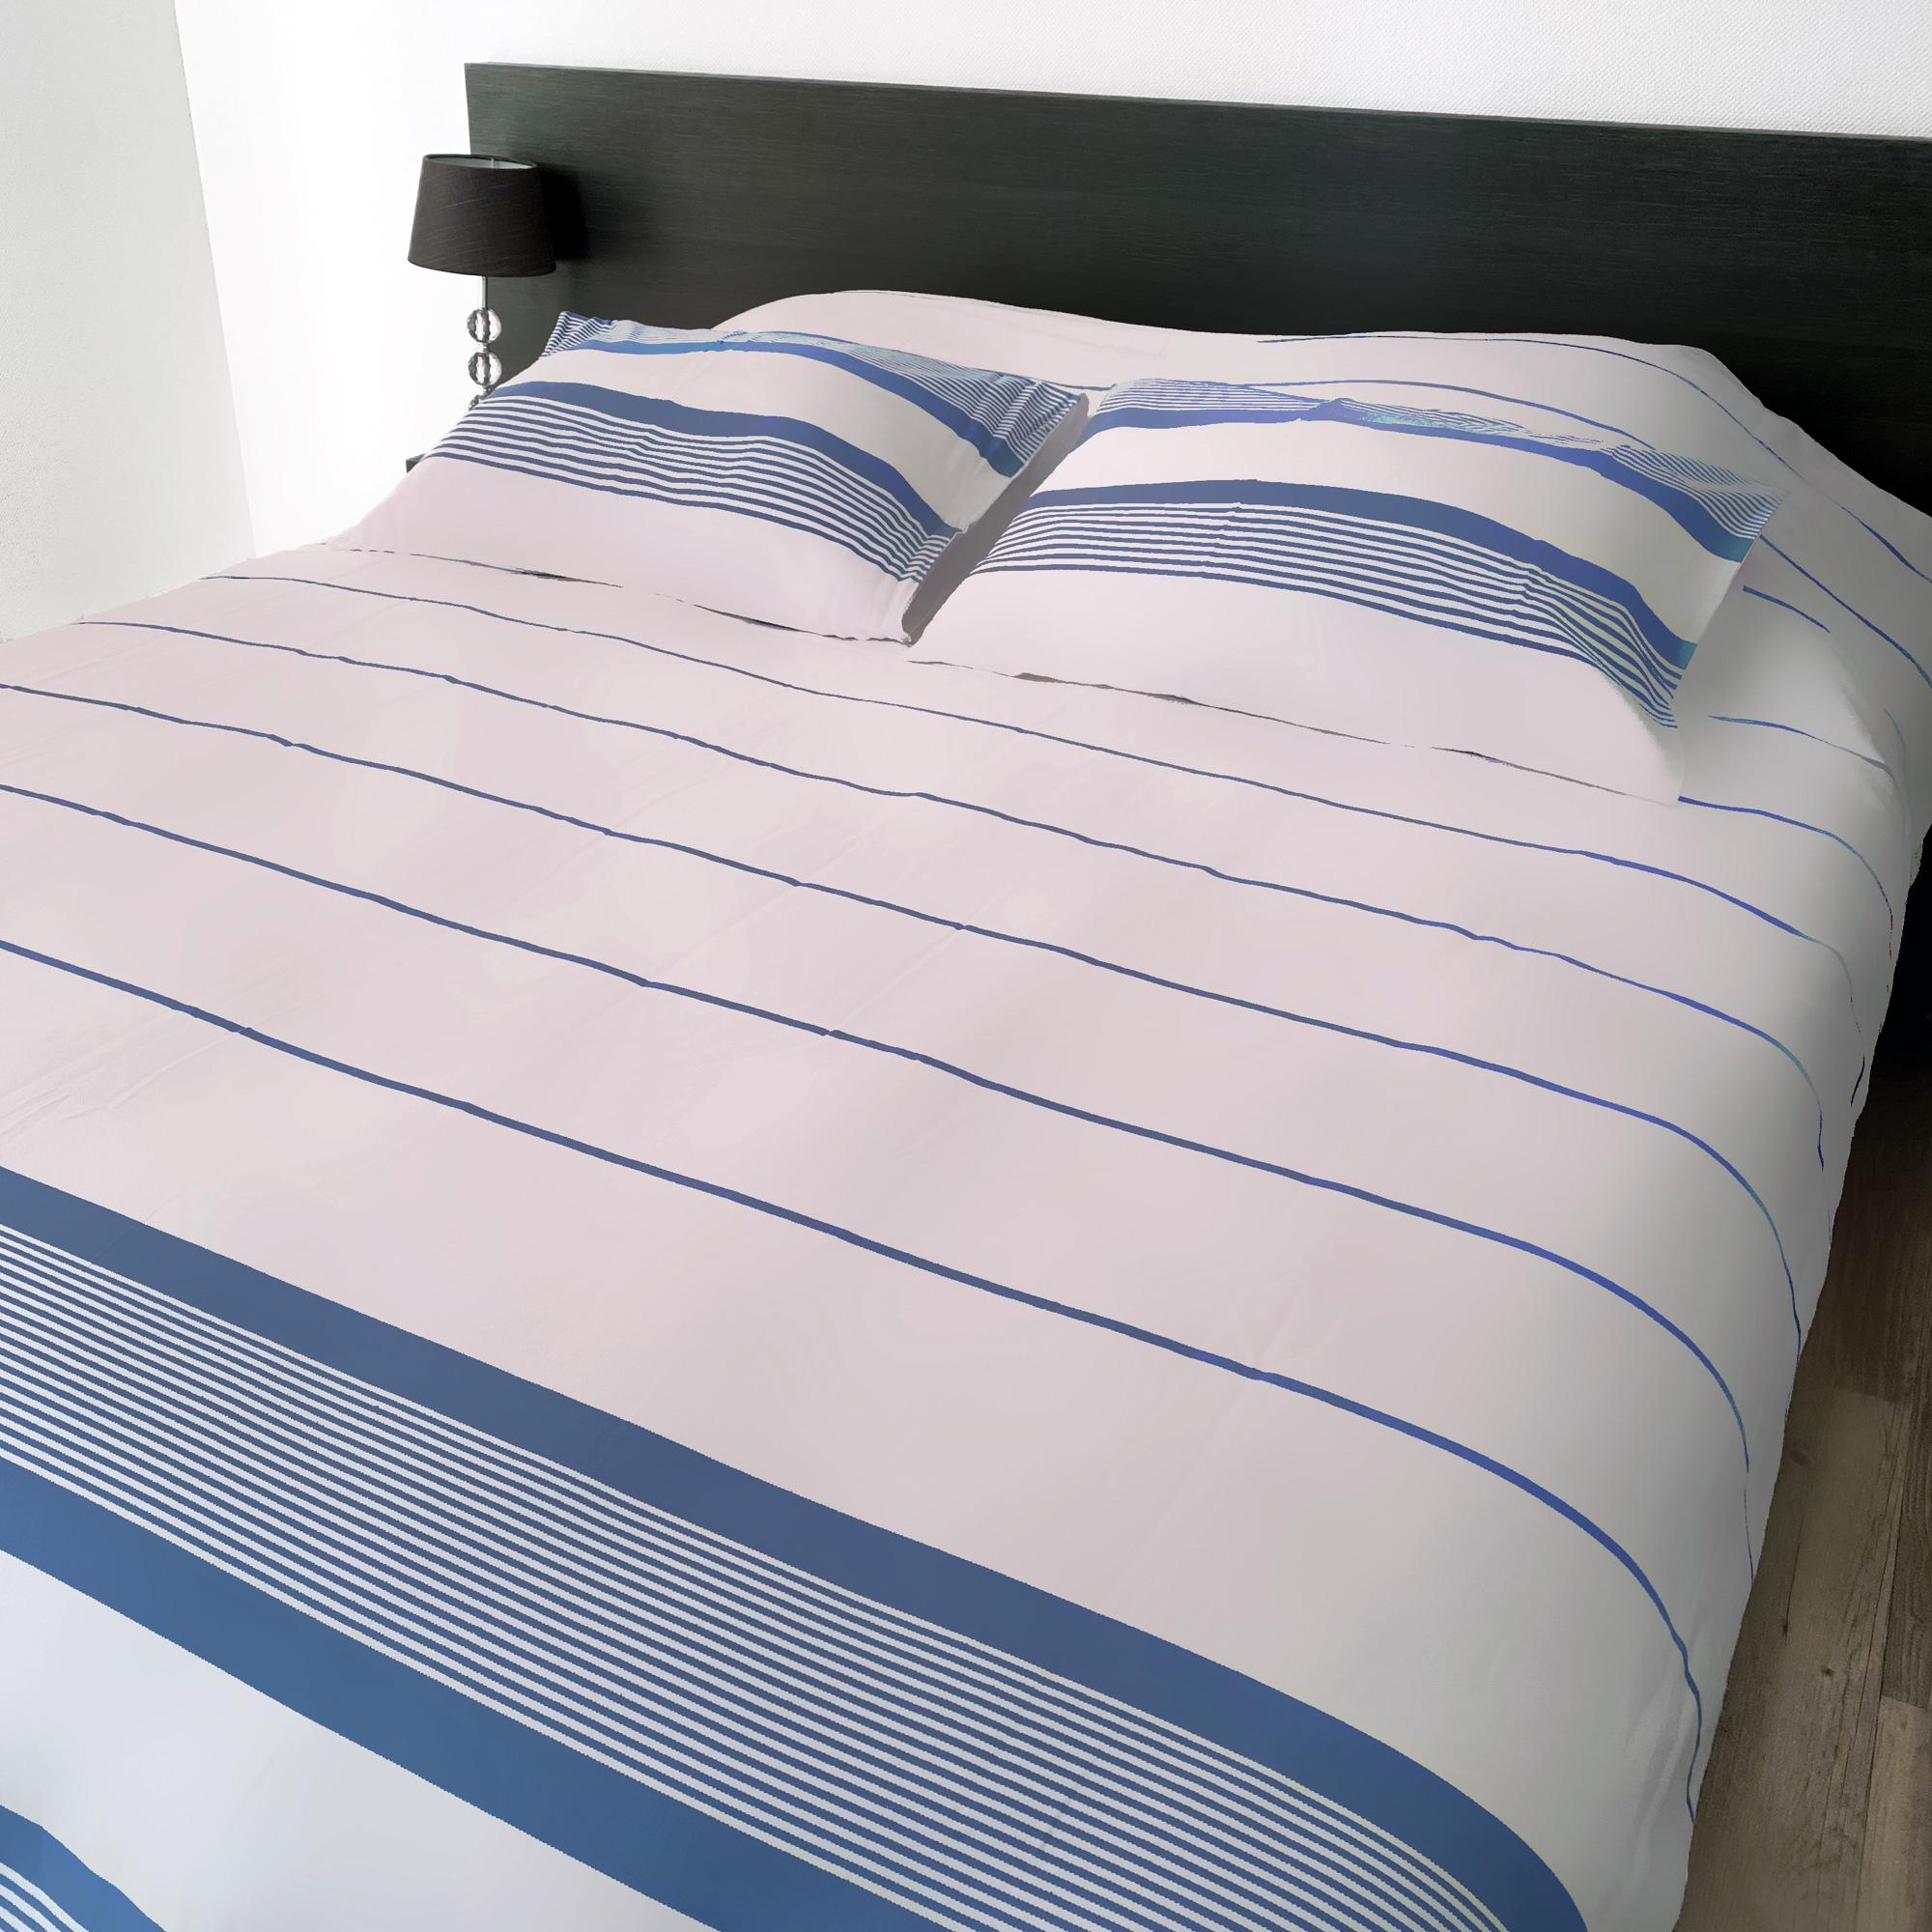 Housse de couette coton 220x240 + 2 taies 50x70 bleu doux et blanche